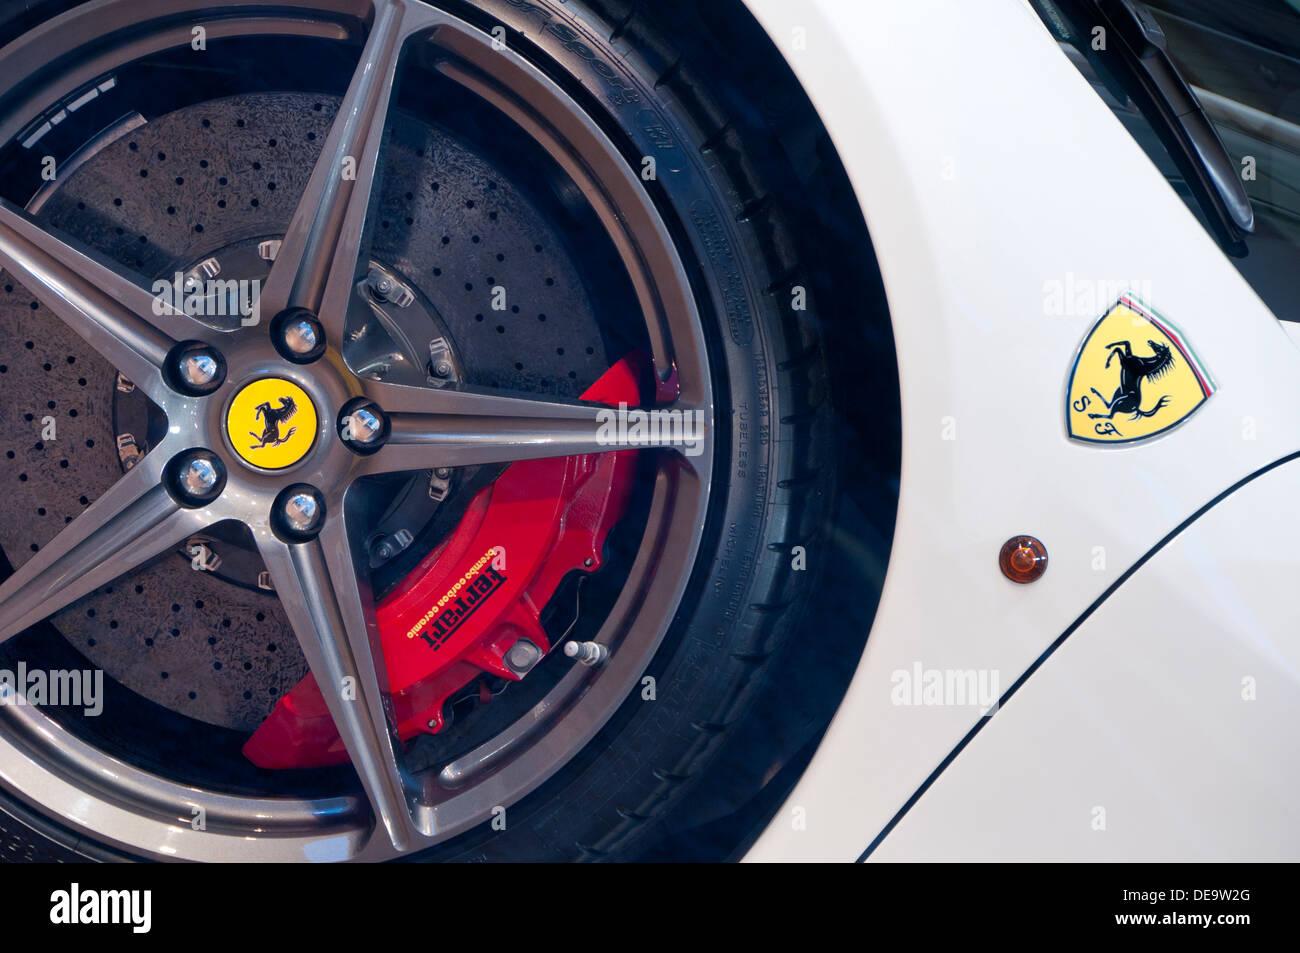 Nahaufnahme eines weißen Ferrari 458 Spyder Sportwagen mit Rad & Abzeichen Stockbild